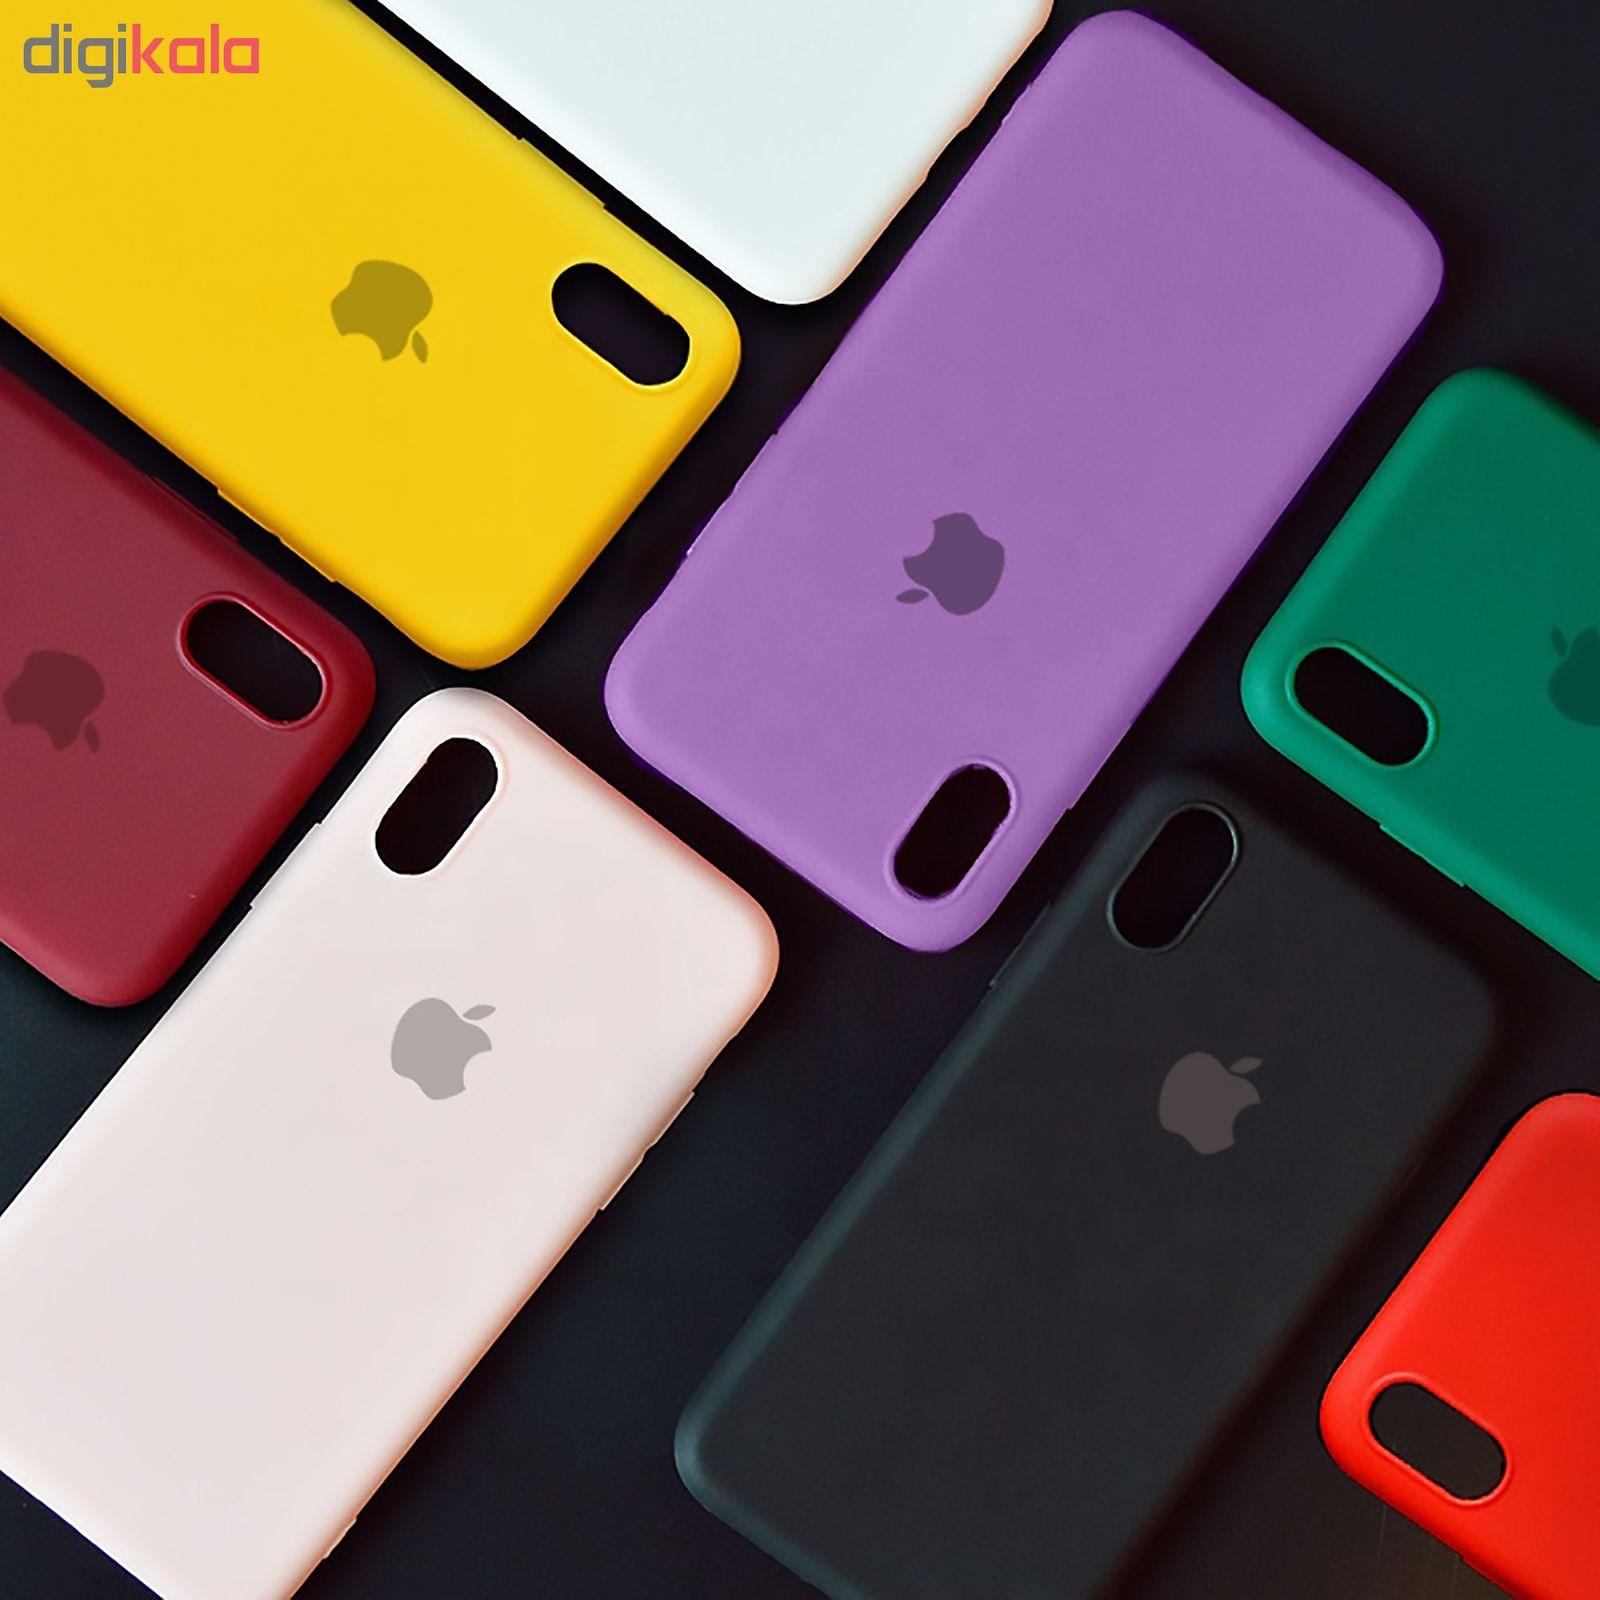 کاور  مدل Silc مناسب برای گوشی موبایل اپل Iphone Xs max main 1 25